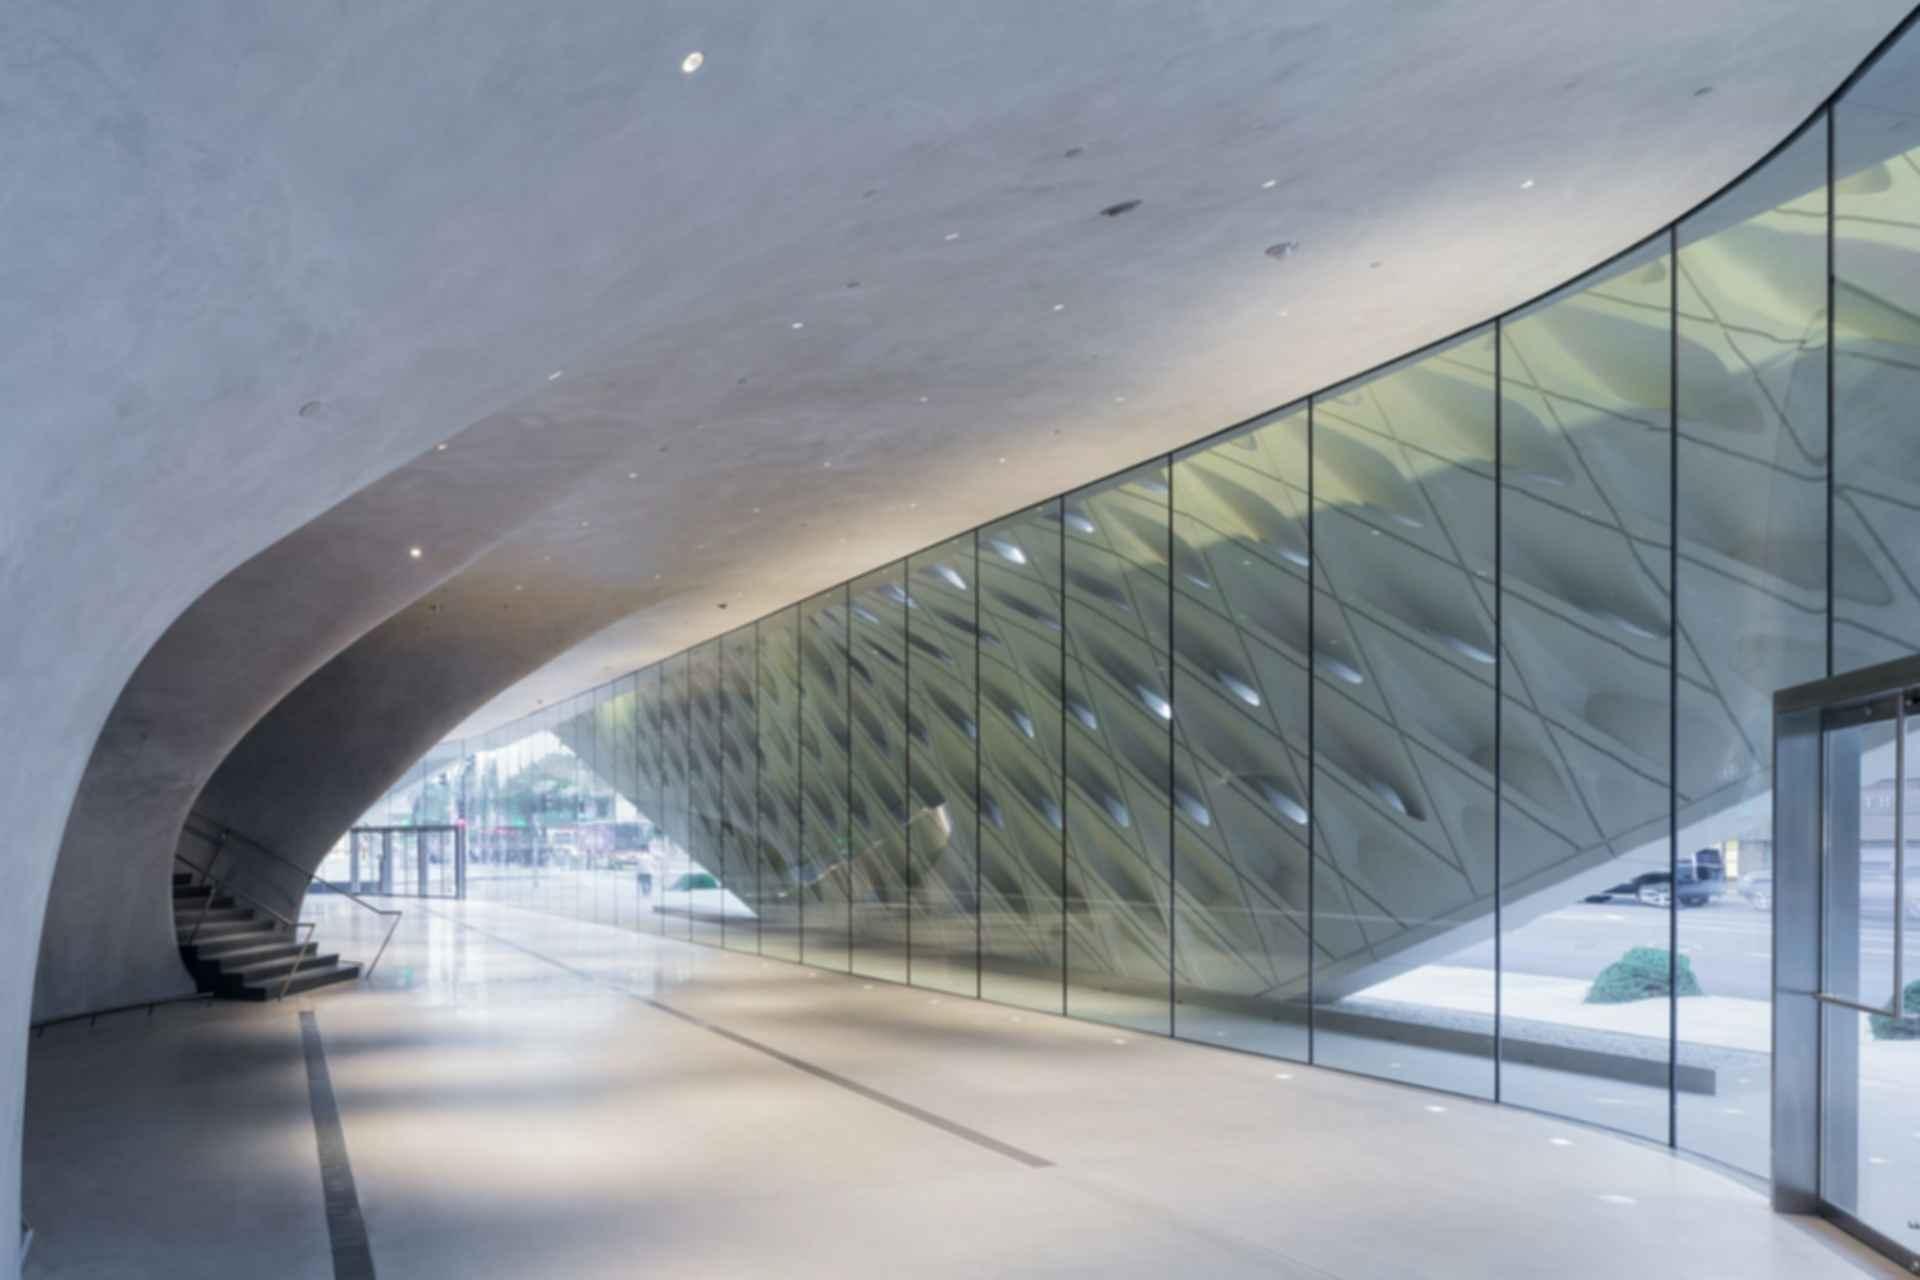 The Broad Museum - Concept Design/Interior